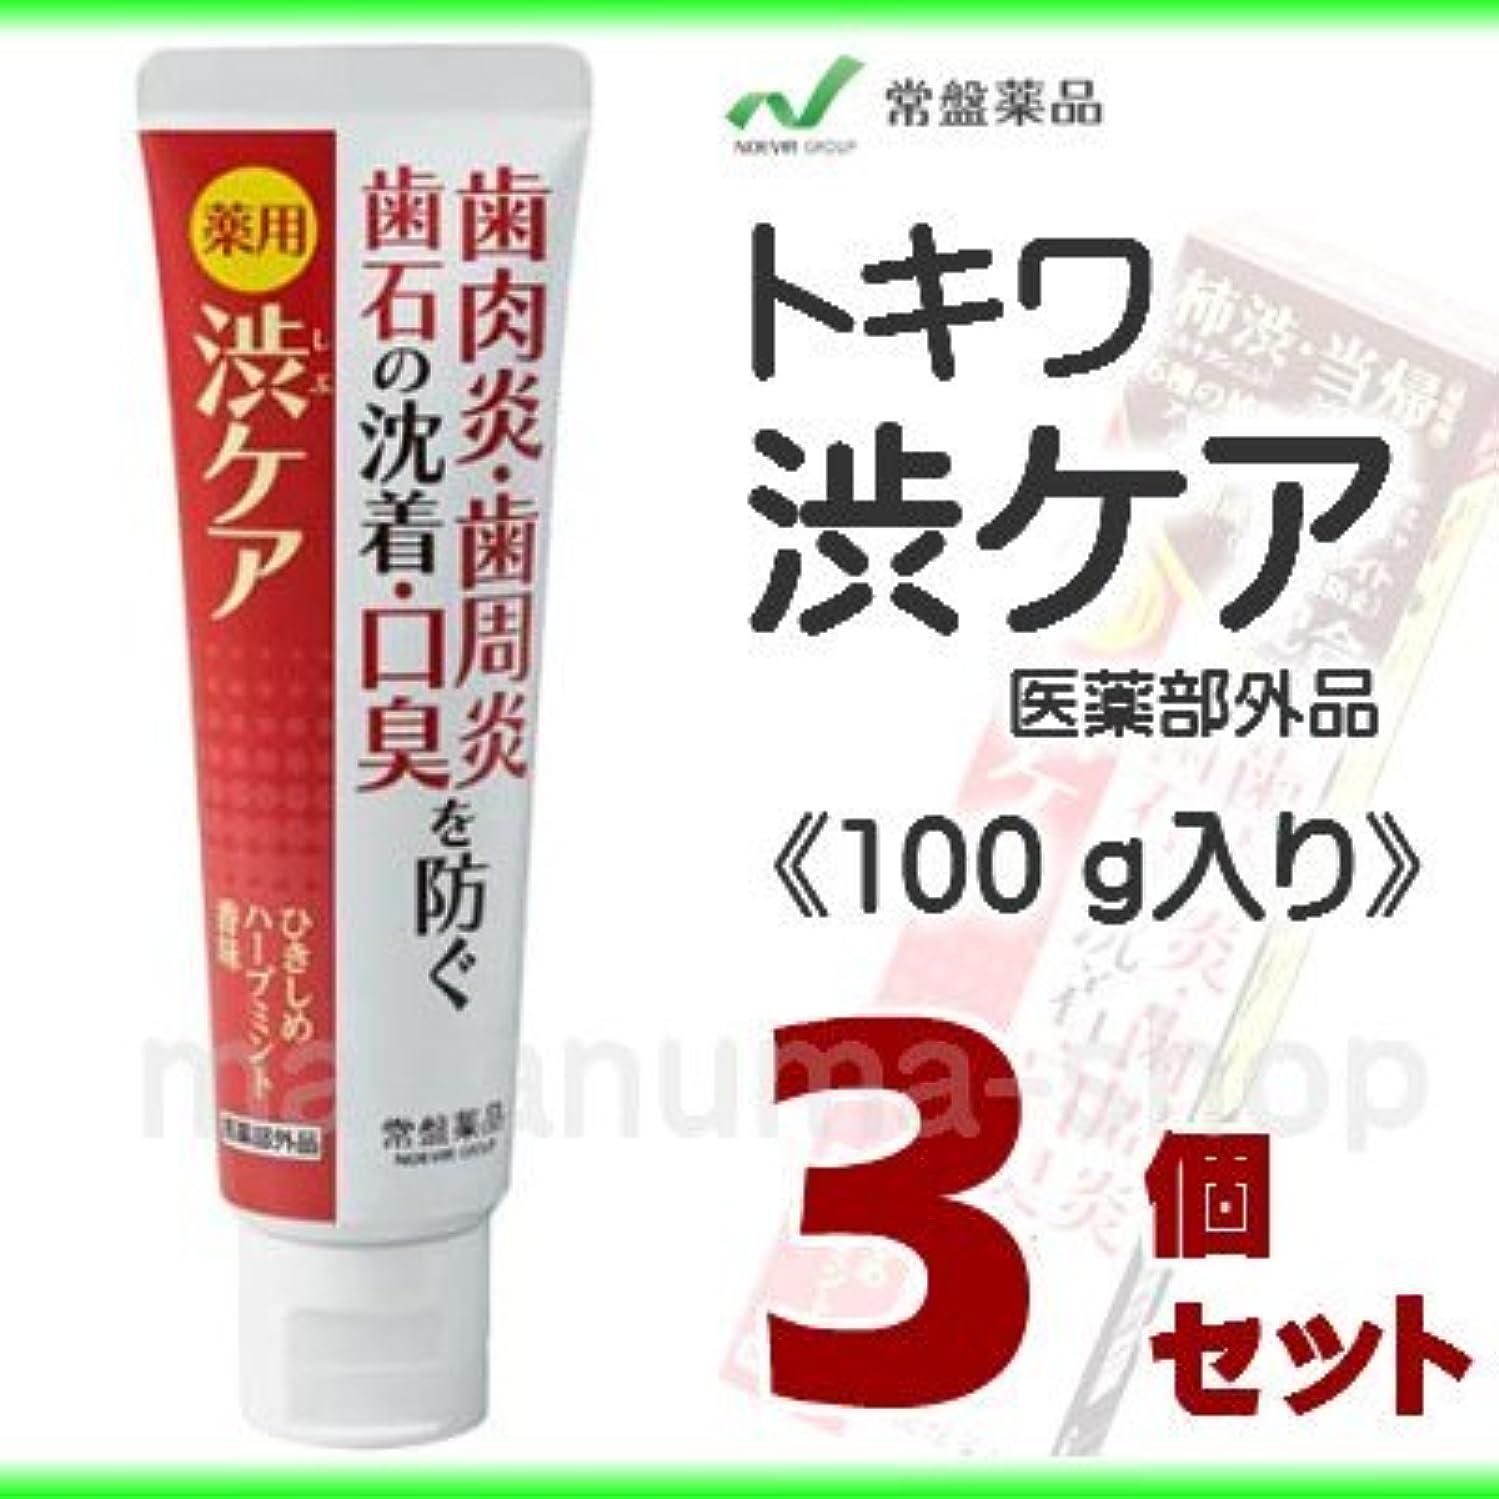 事実礼拝判定トキワ 薬用渋ケア (100g) 3個セット